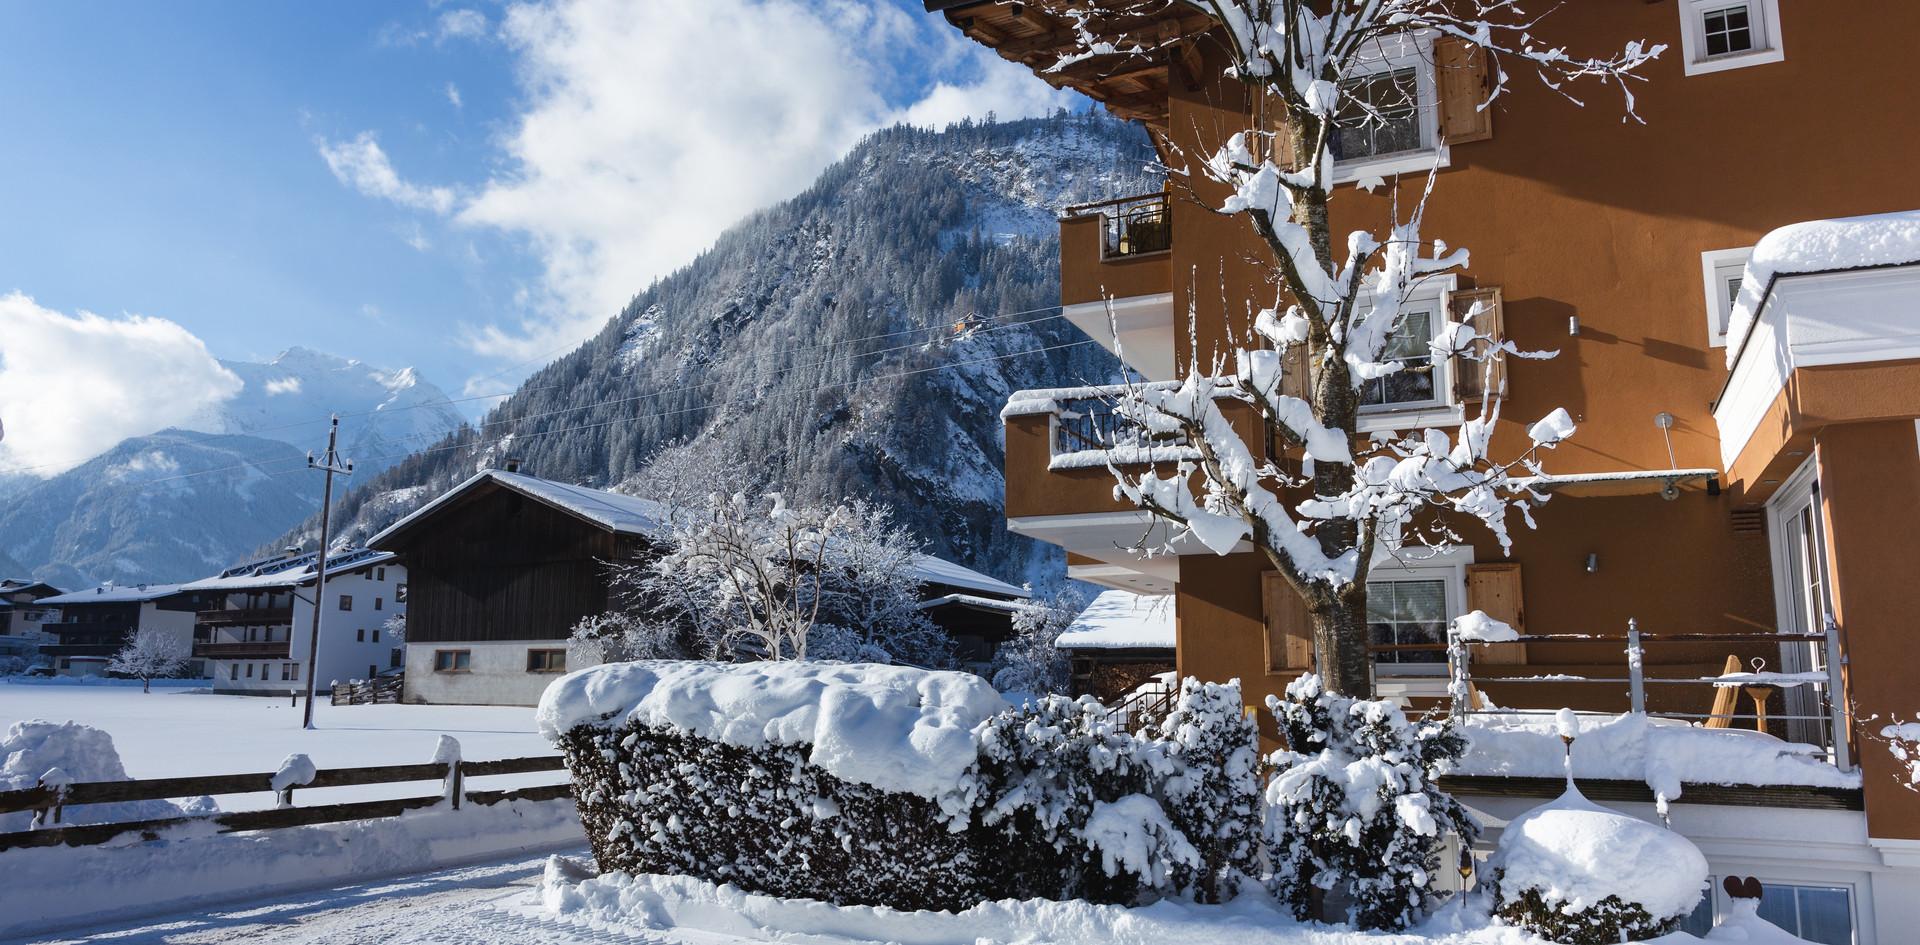 20210116_winter exterior_0010.jpg